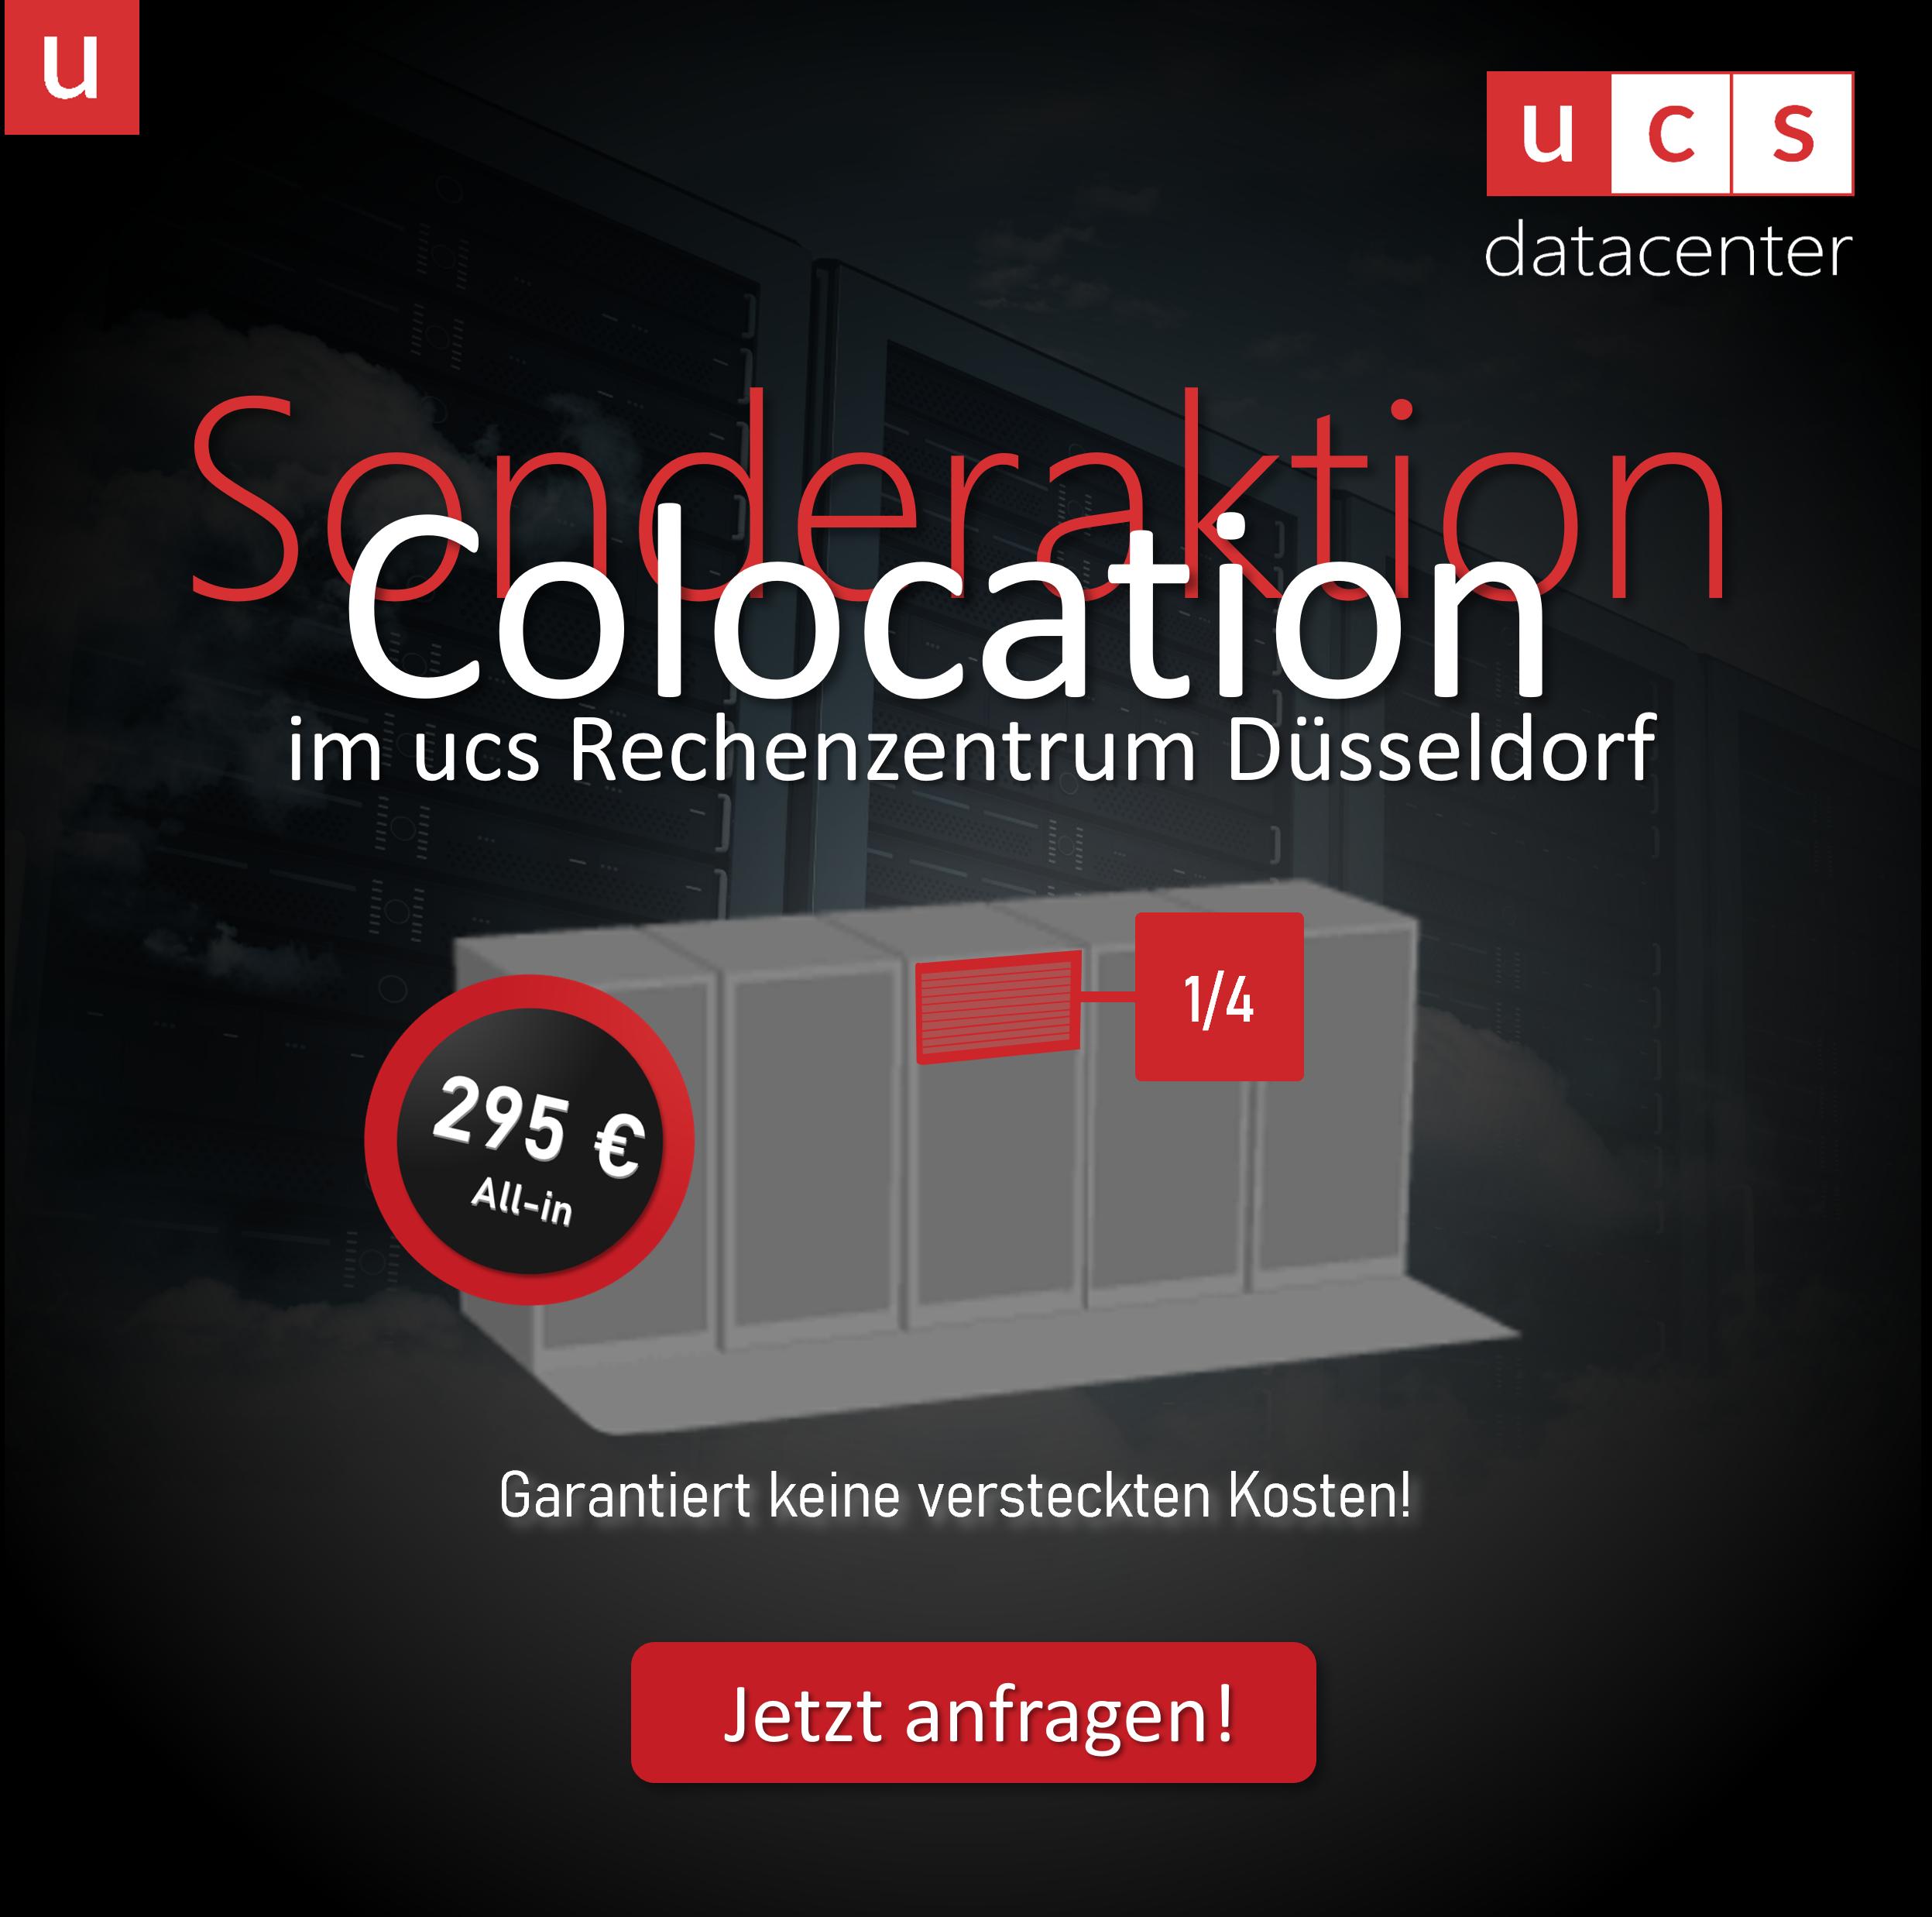 Colocation im deutschen ucs Rechenzentrum zum Sonderaktionspreis - alle-in inklusive Strom- und Datenflat   jetzt anfragen bei ucs datacenter GmbH